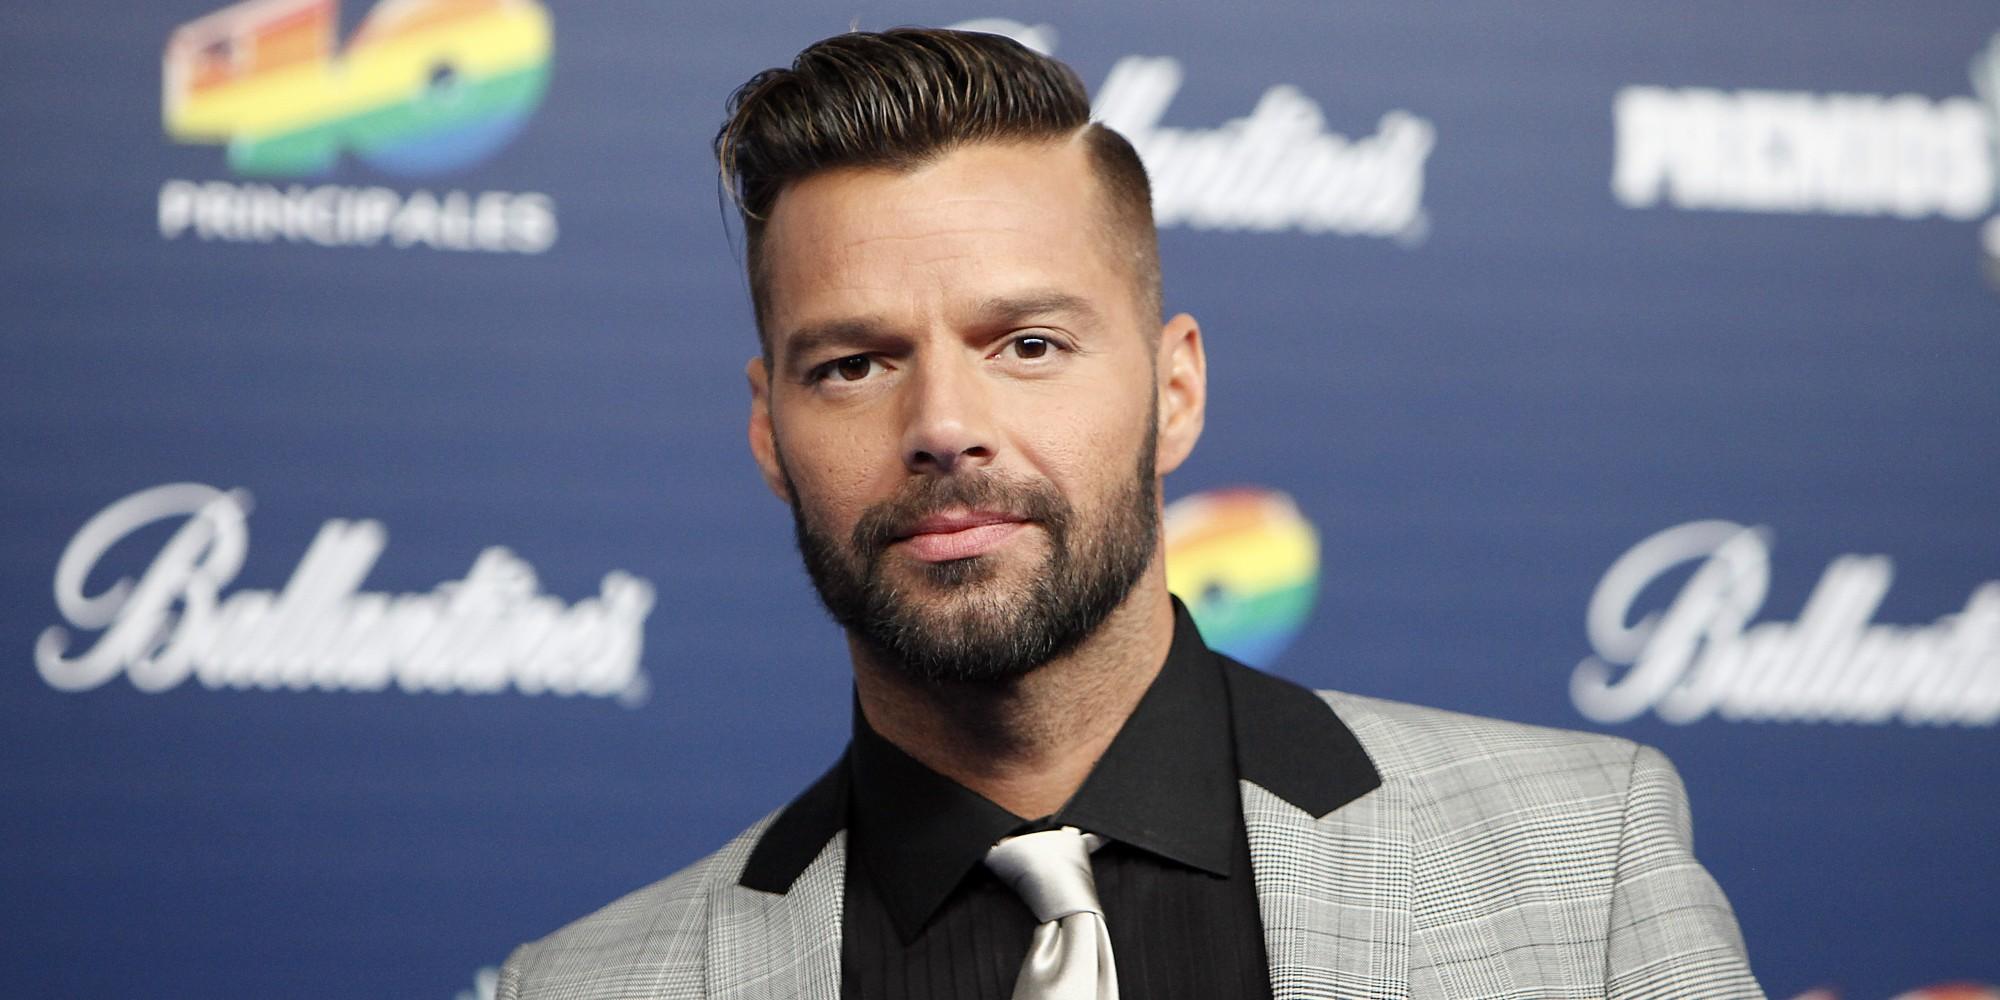 İzleyin: Ricky Martin; İlk Aşkım John Travolta'ydı